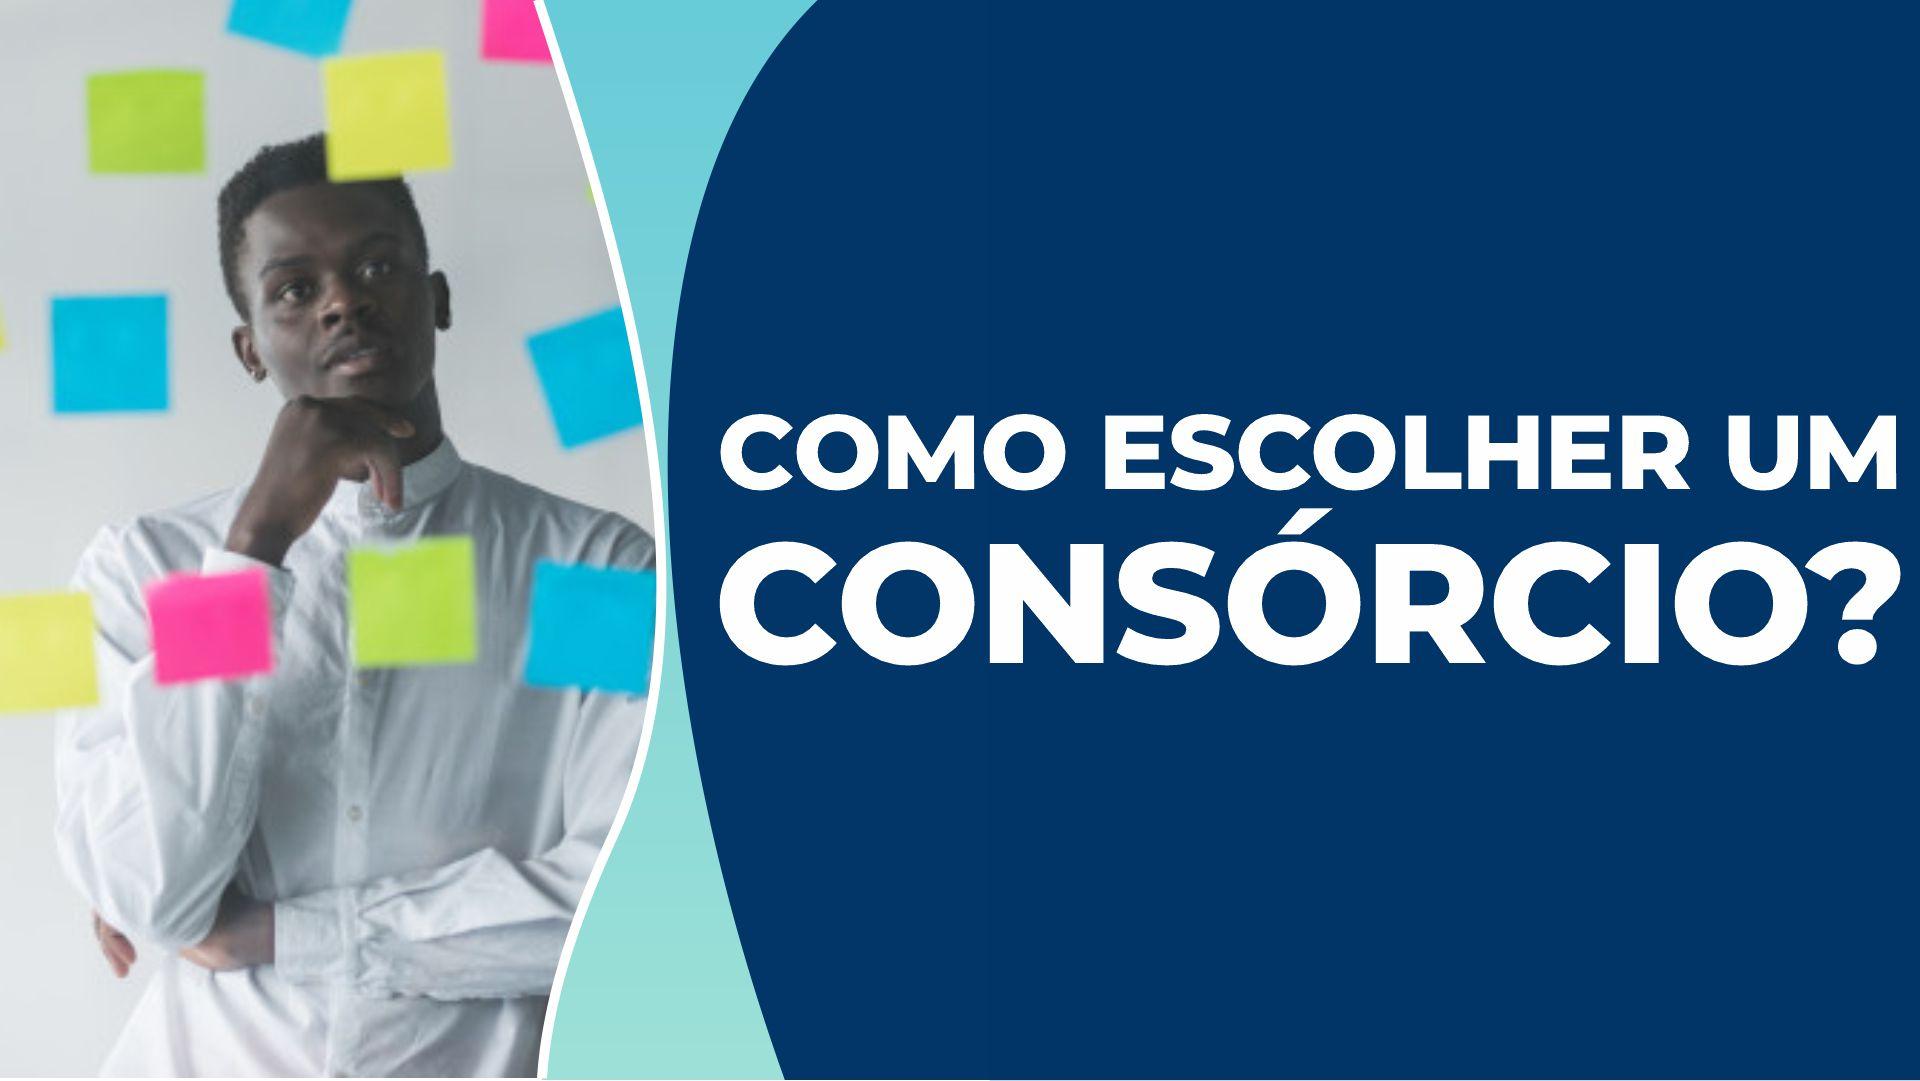 Escolher consórcio em Brasília – Qual o ideal para suas necessidades?